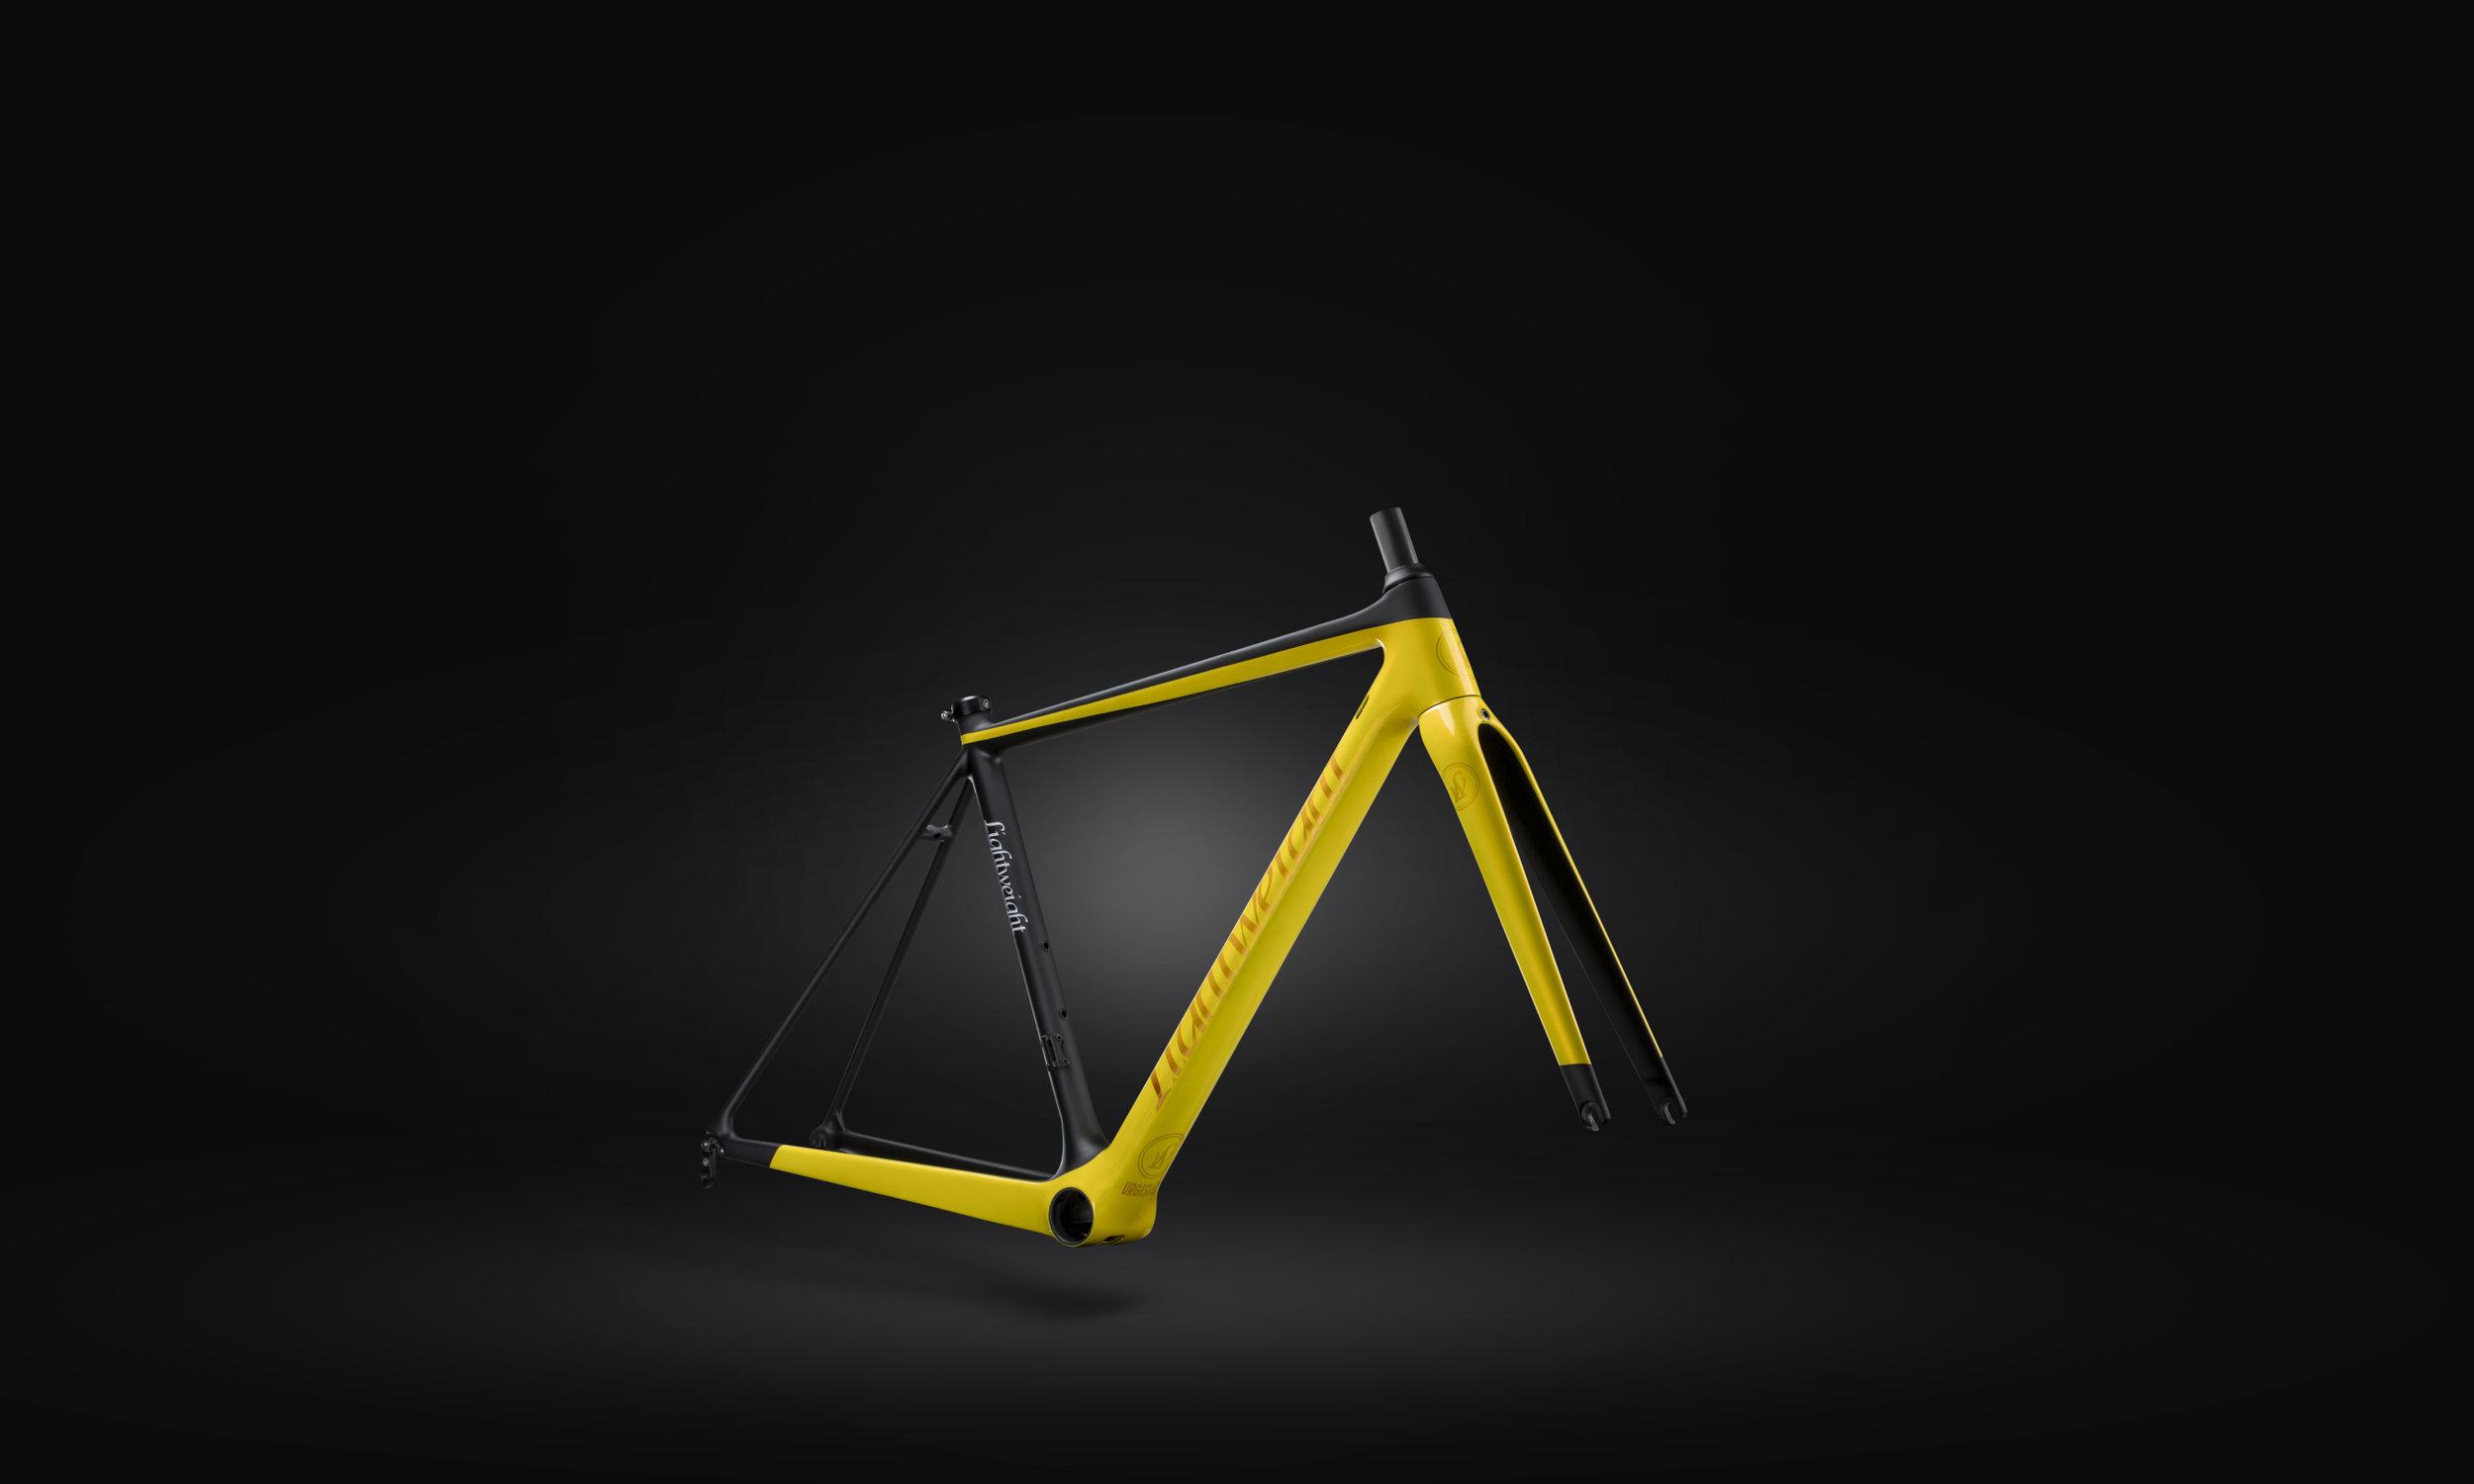 urgestalt_2019_yellow_with_black_backround_04.jpg